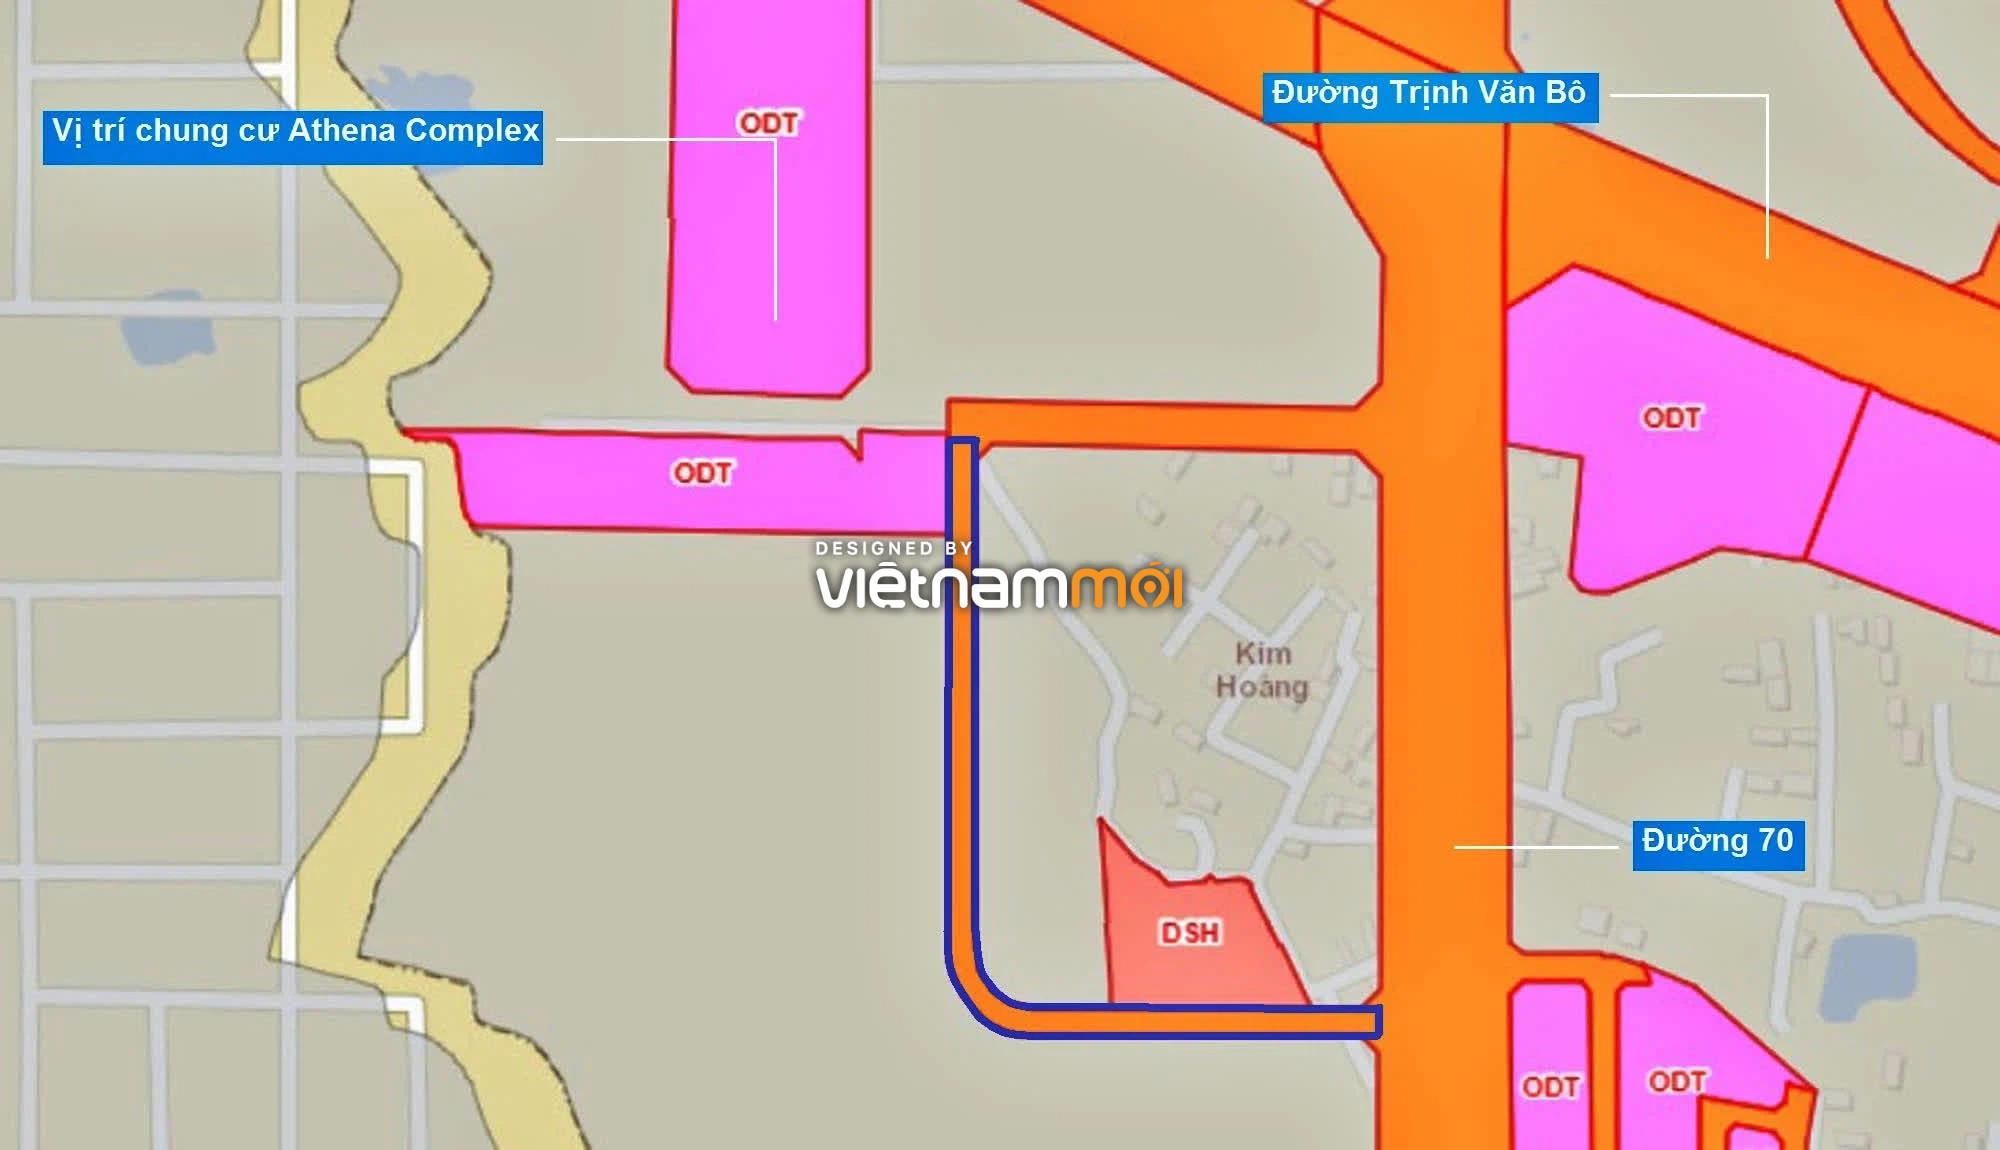 Những khu đất sắp thu hồi để mở đường ở phường Phương Canh, Nam Từ Liêm, Hà Nội (phần 2) - Ảnh 2.